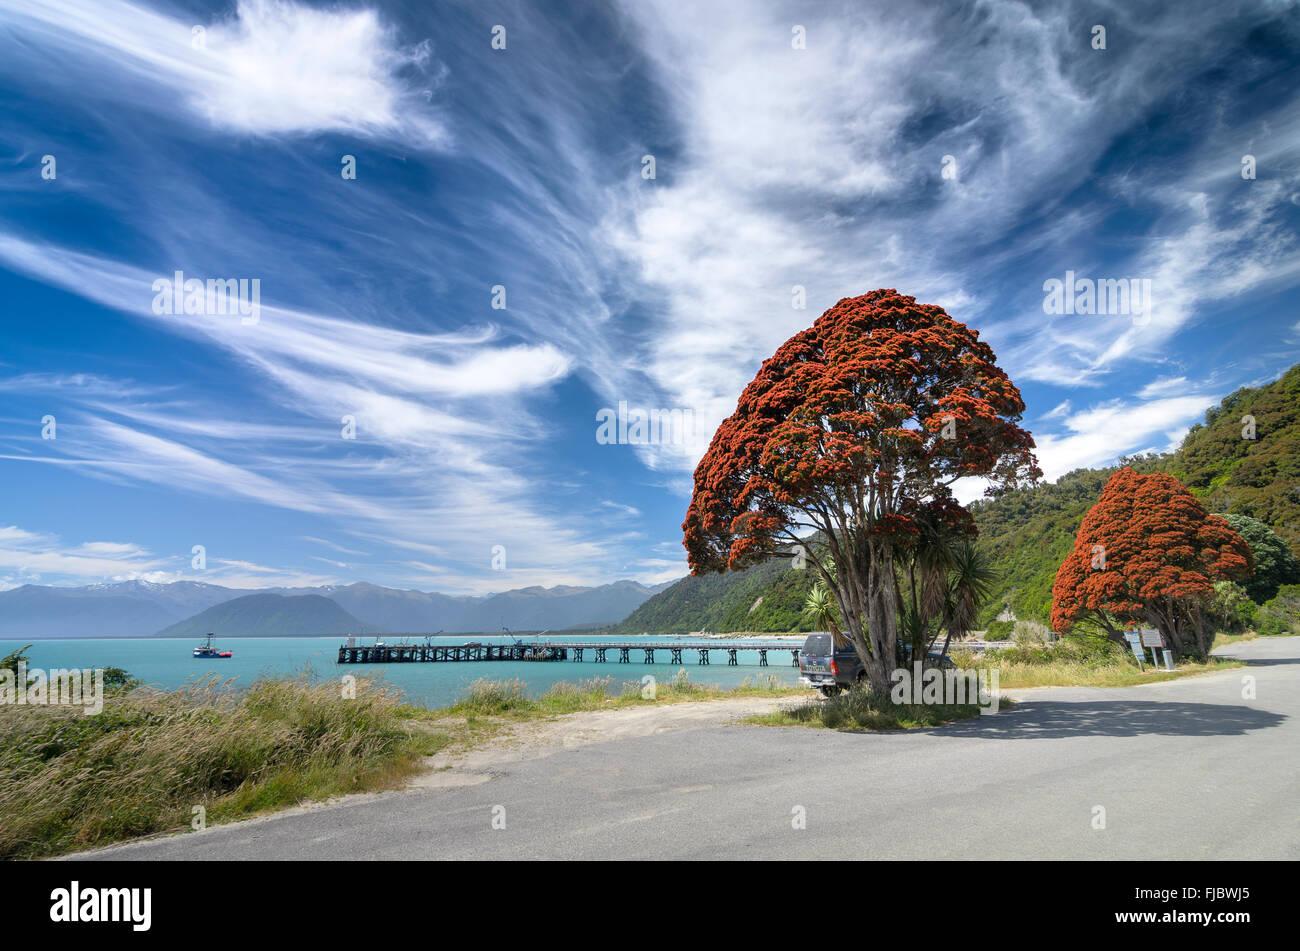 Fioritura rossa Nuova Zelanda albero di Natale (Metrosideros tomentosa), con cielo nuvoloso, Jackson Bay, West Coast, Immagini Stock